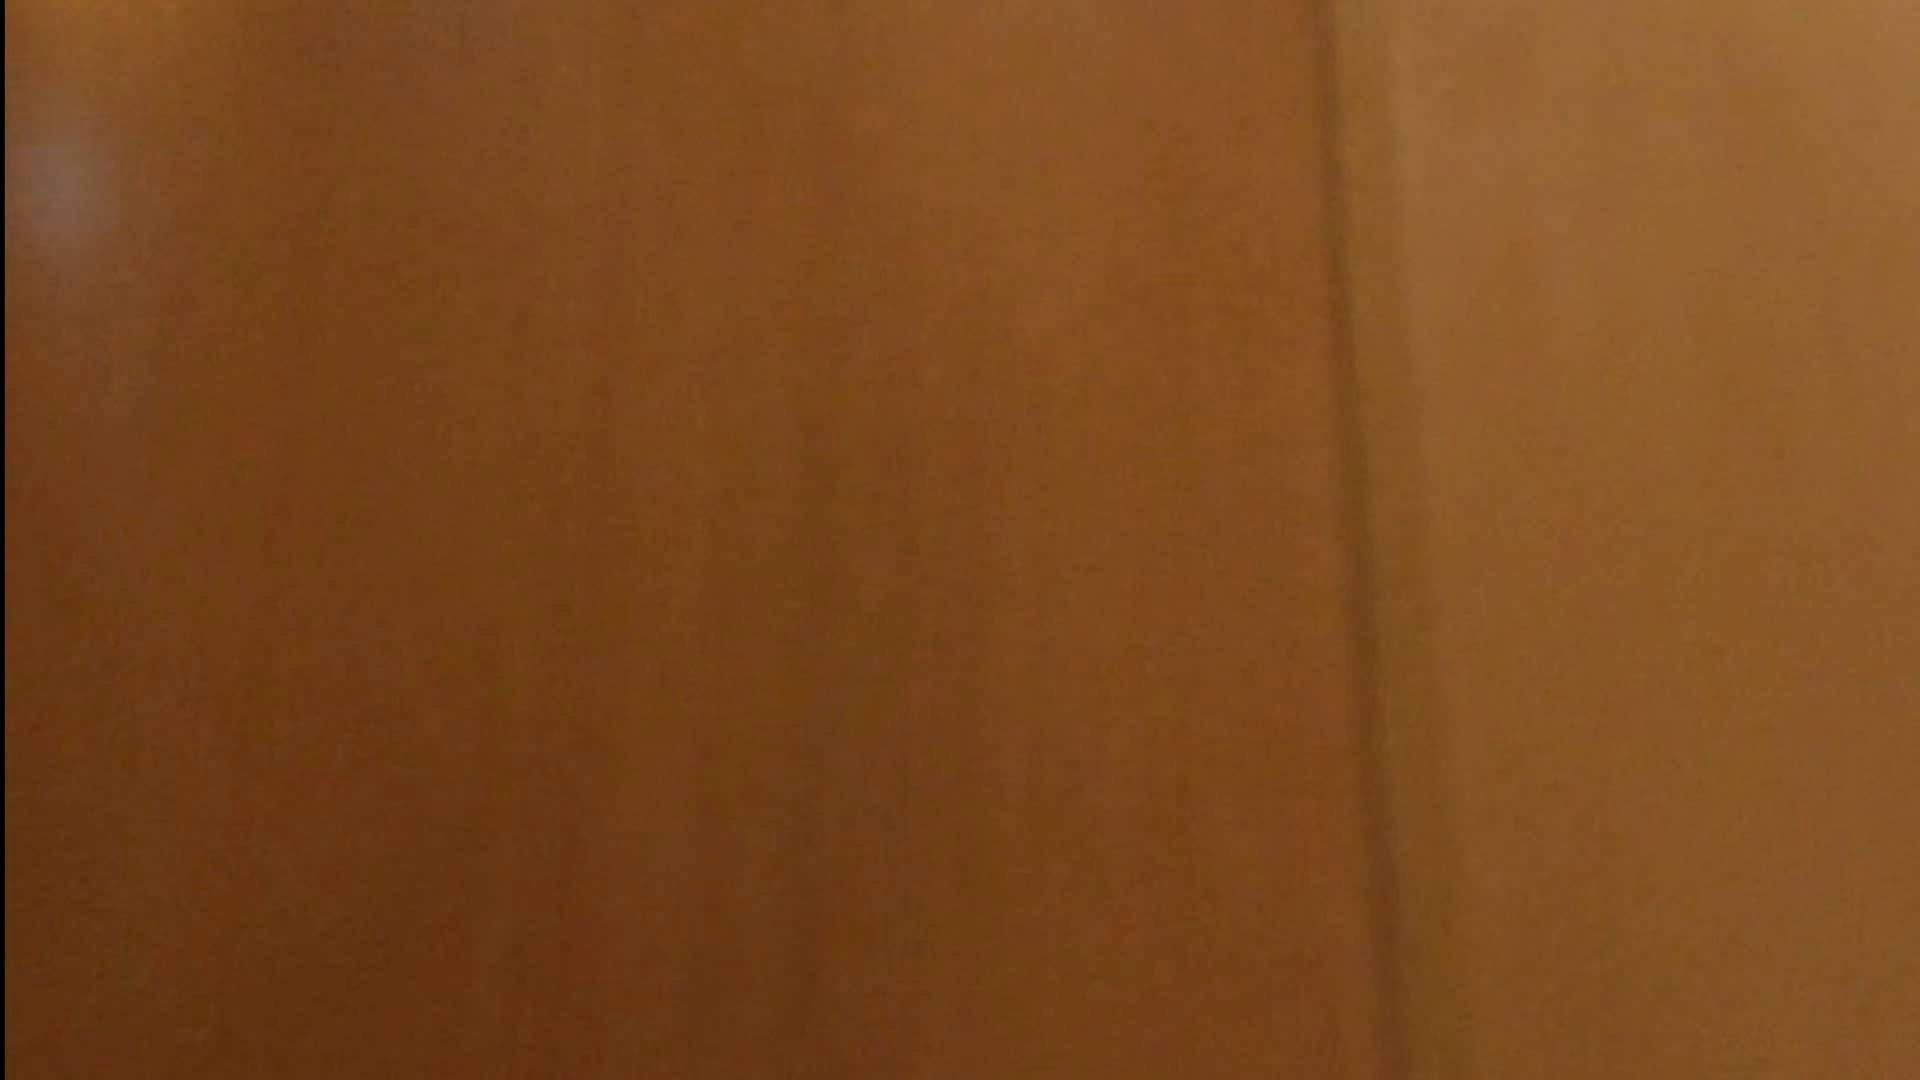 隣国化粧室下から御免!! No.04 美女ハメ撮り  100Pix 26